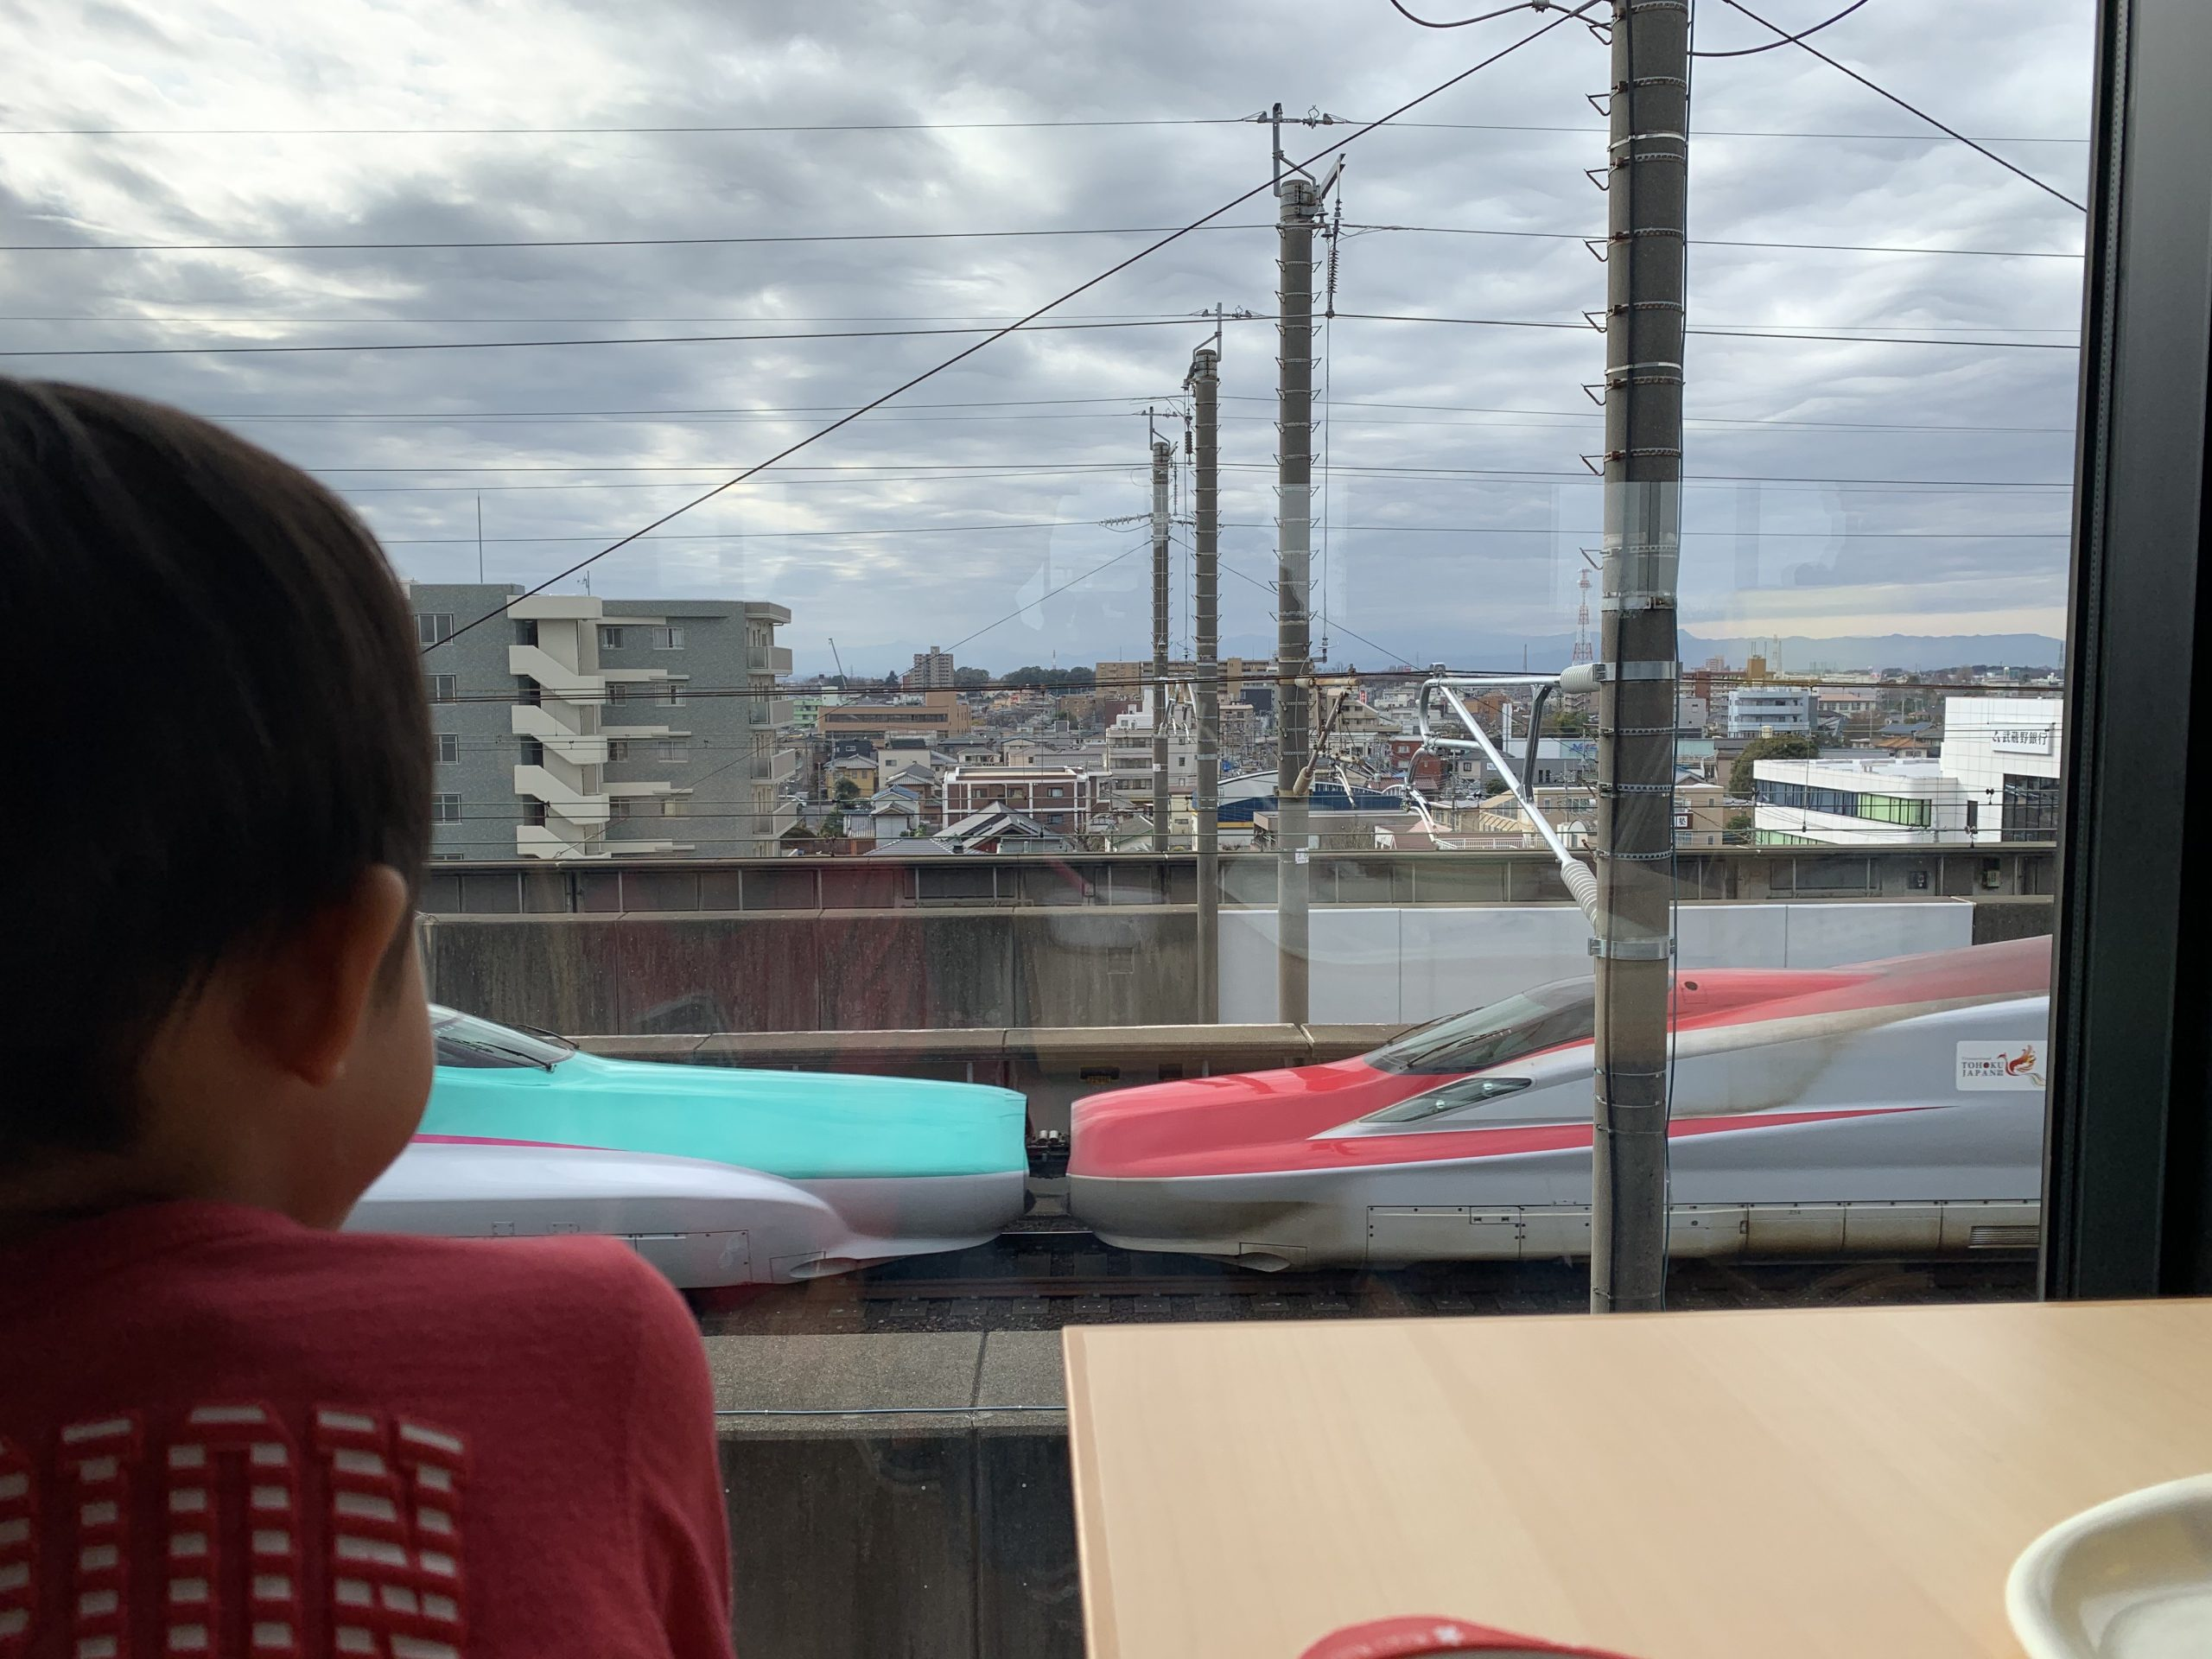 てっぱく(鉄道博物館)のミニ運転列車に再挑戦